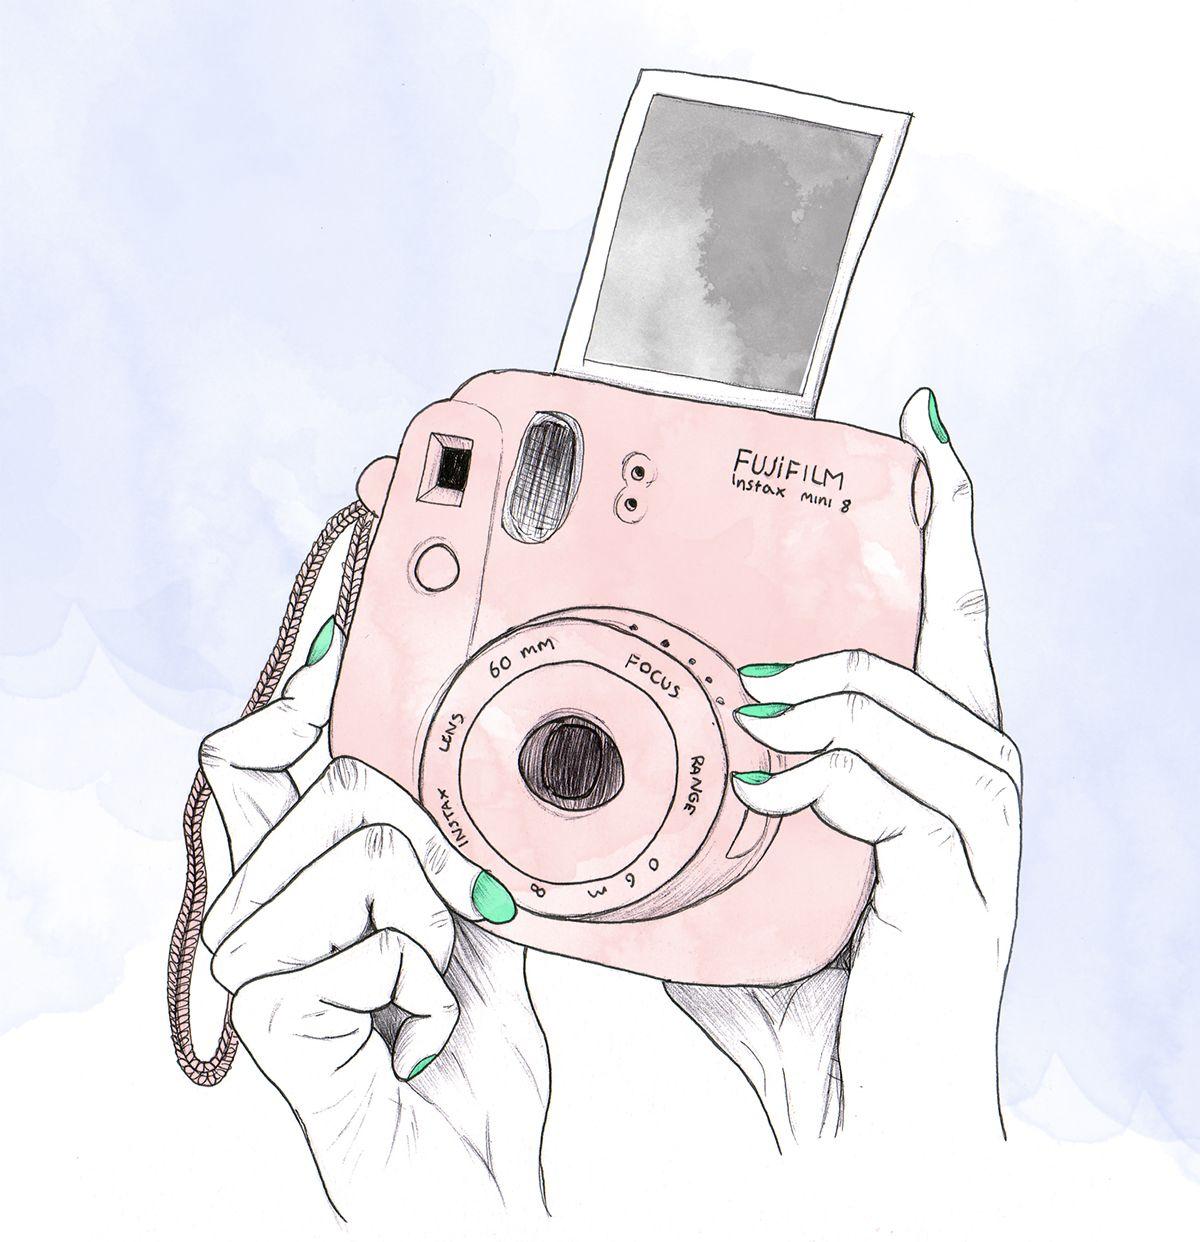 Fujifilm instax mini illustration ink & watercolour